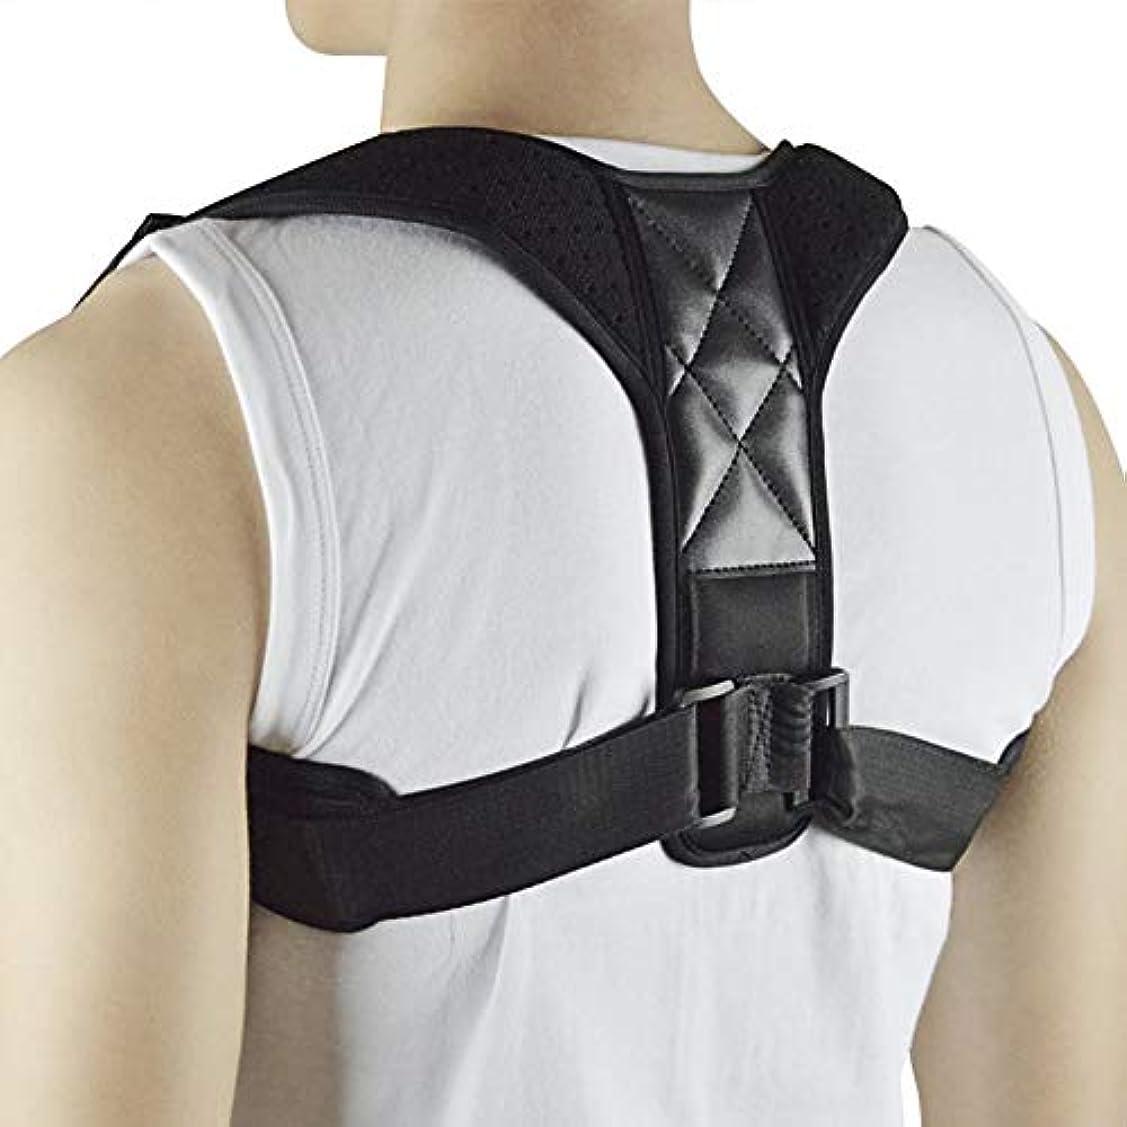 偉業行政従順WT-C734ザトウクジラ矯正ベルト大人の脊椎背部固定子の背部矯正 - 多色アドバンス